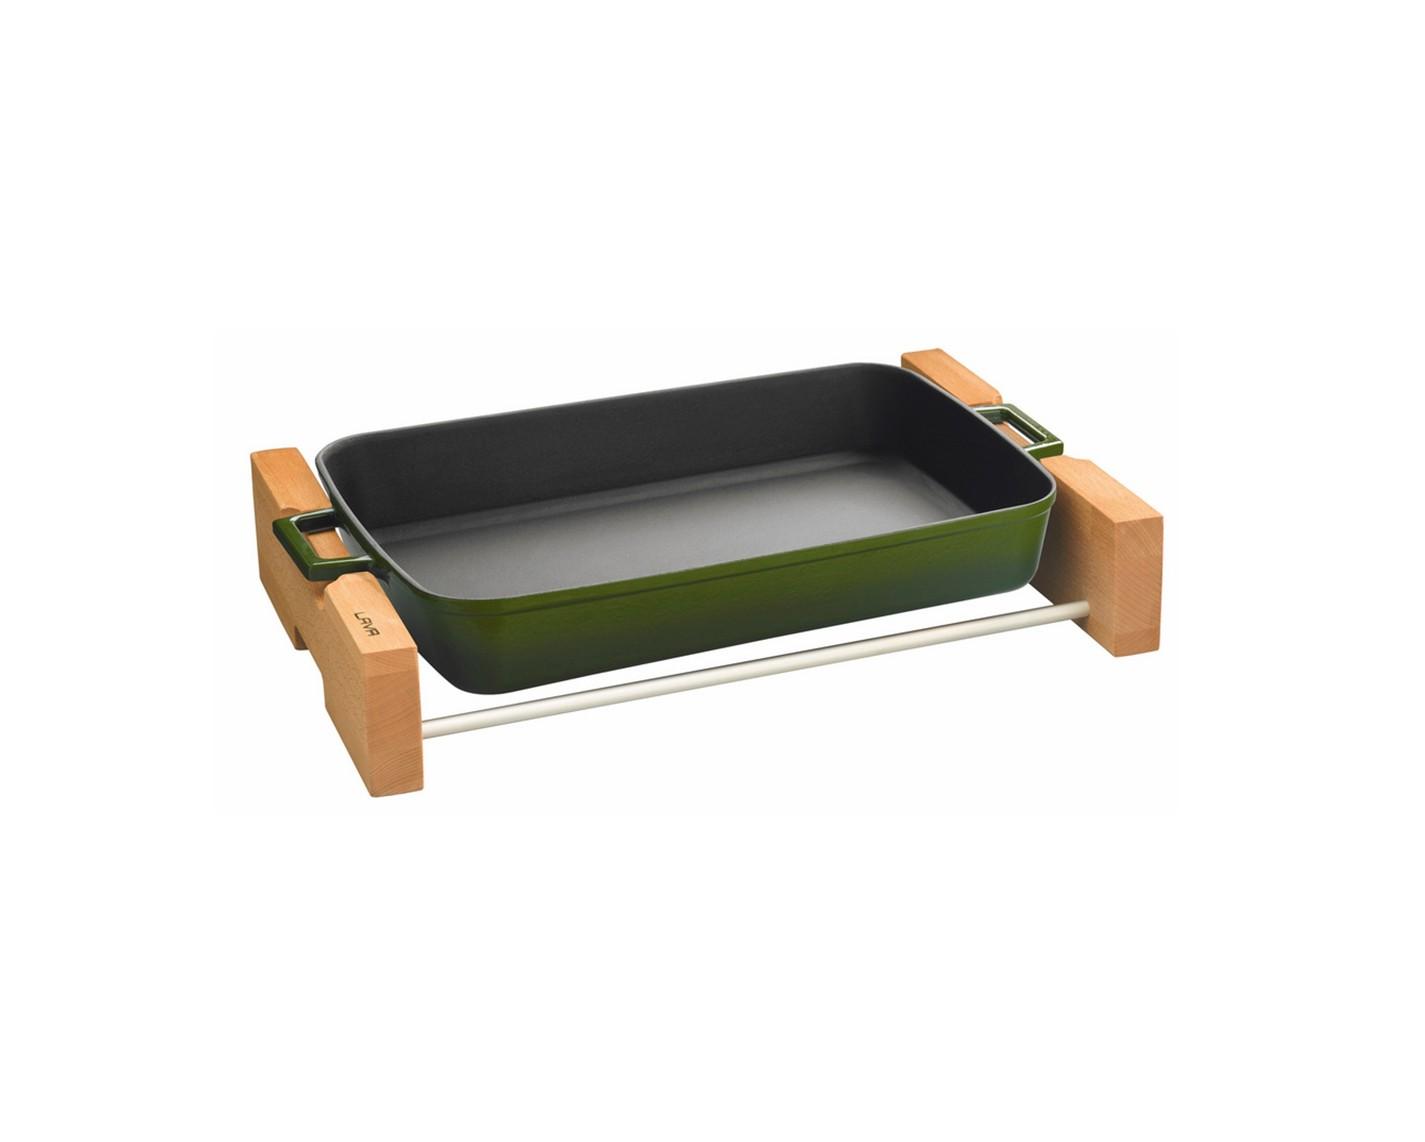 Litinový pekáč 22x30cm s dřevěným podstavcem - zelený